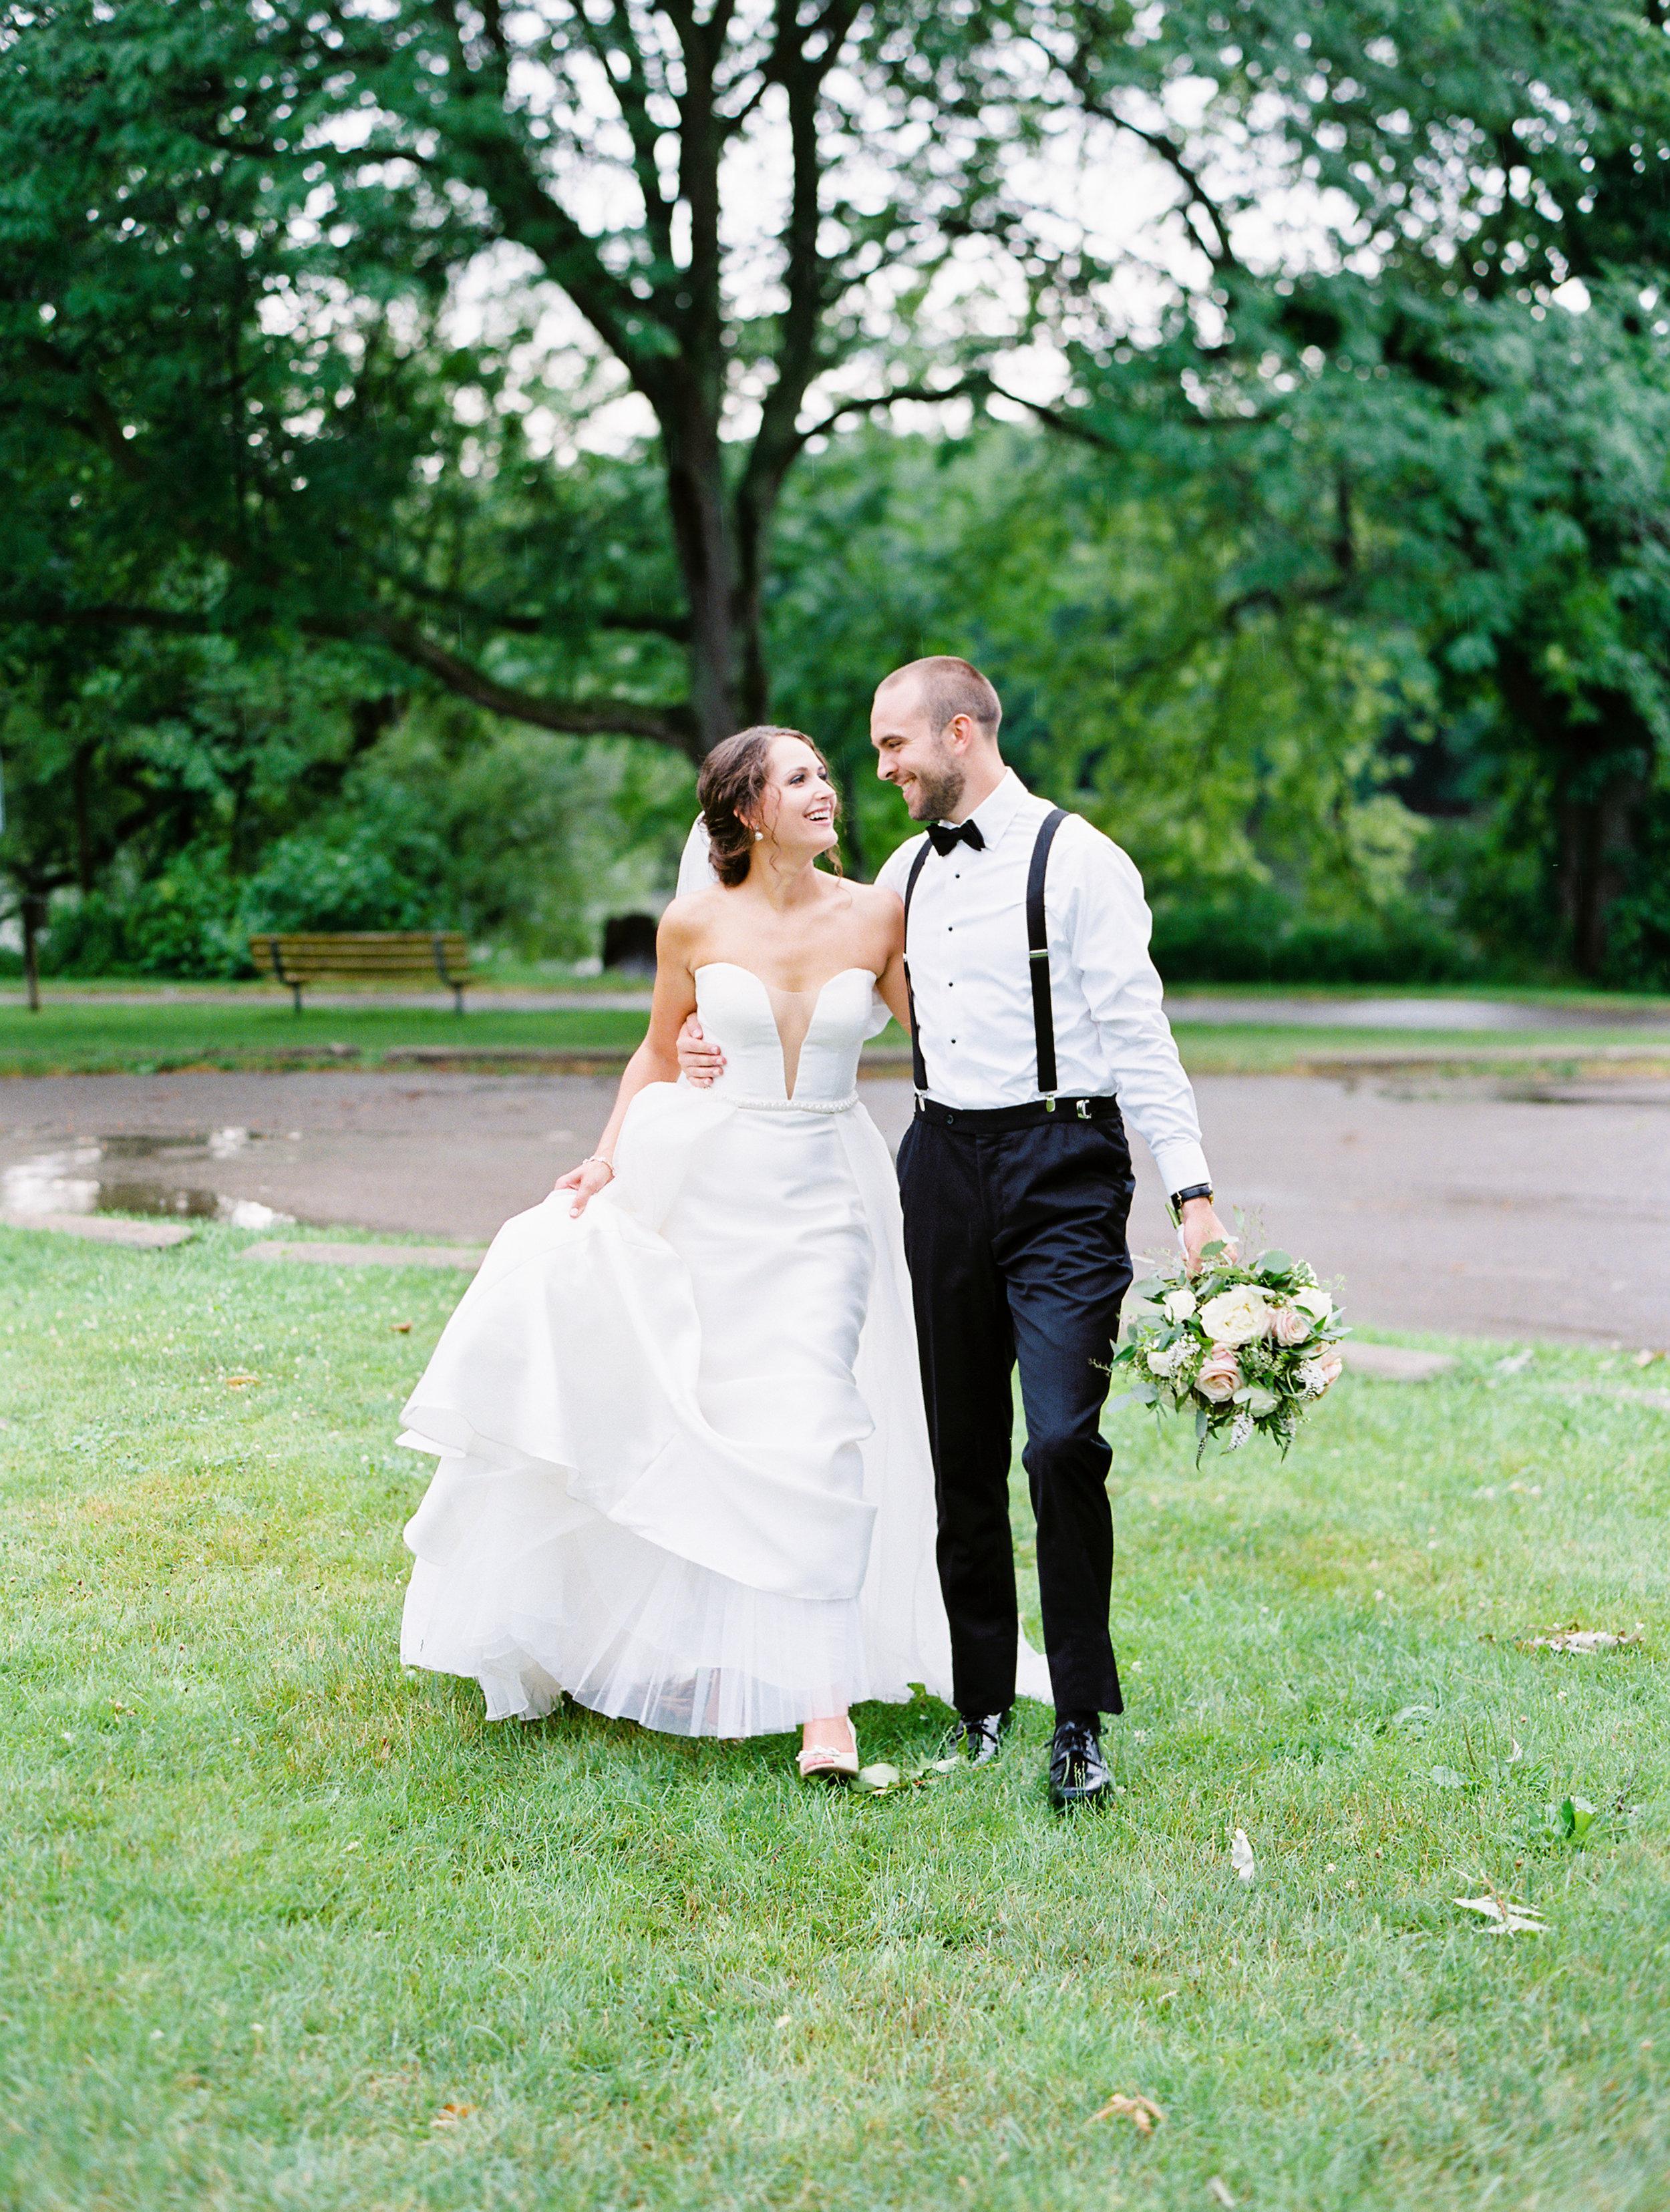 Steiner+Wedding+Bridal+Party-34.jpg